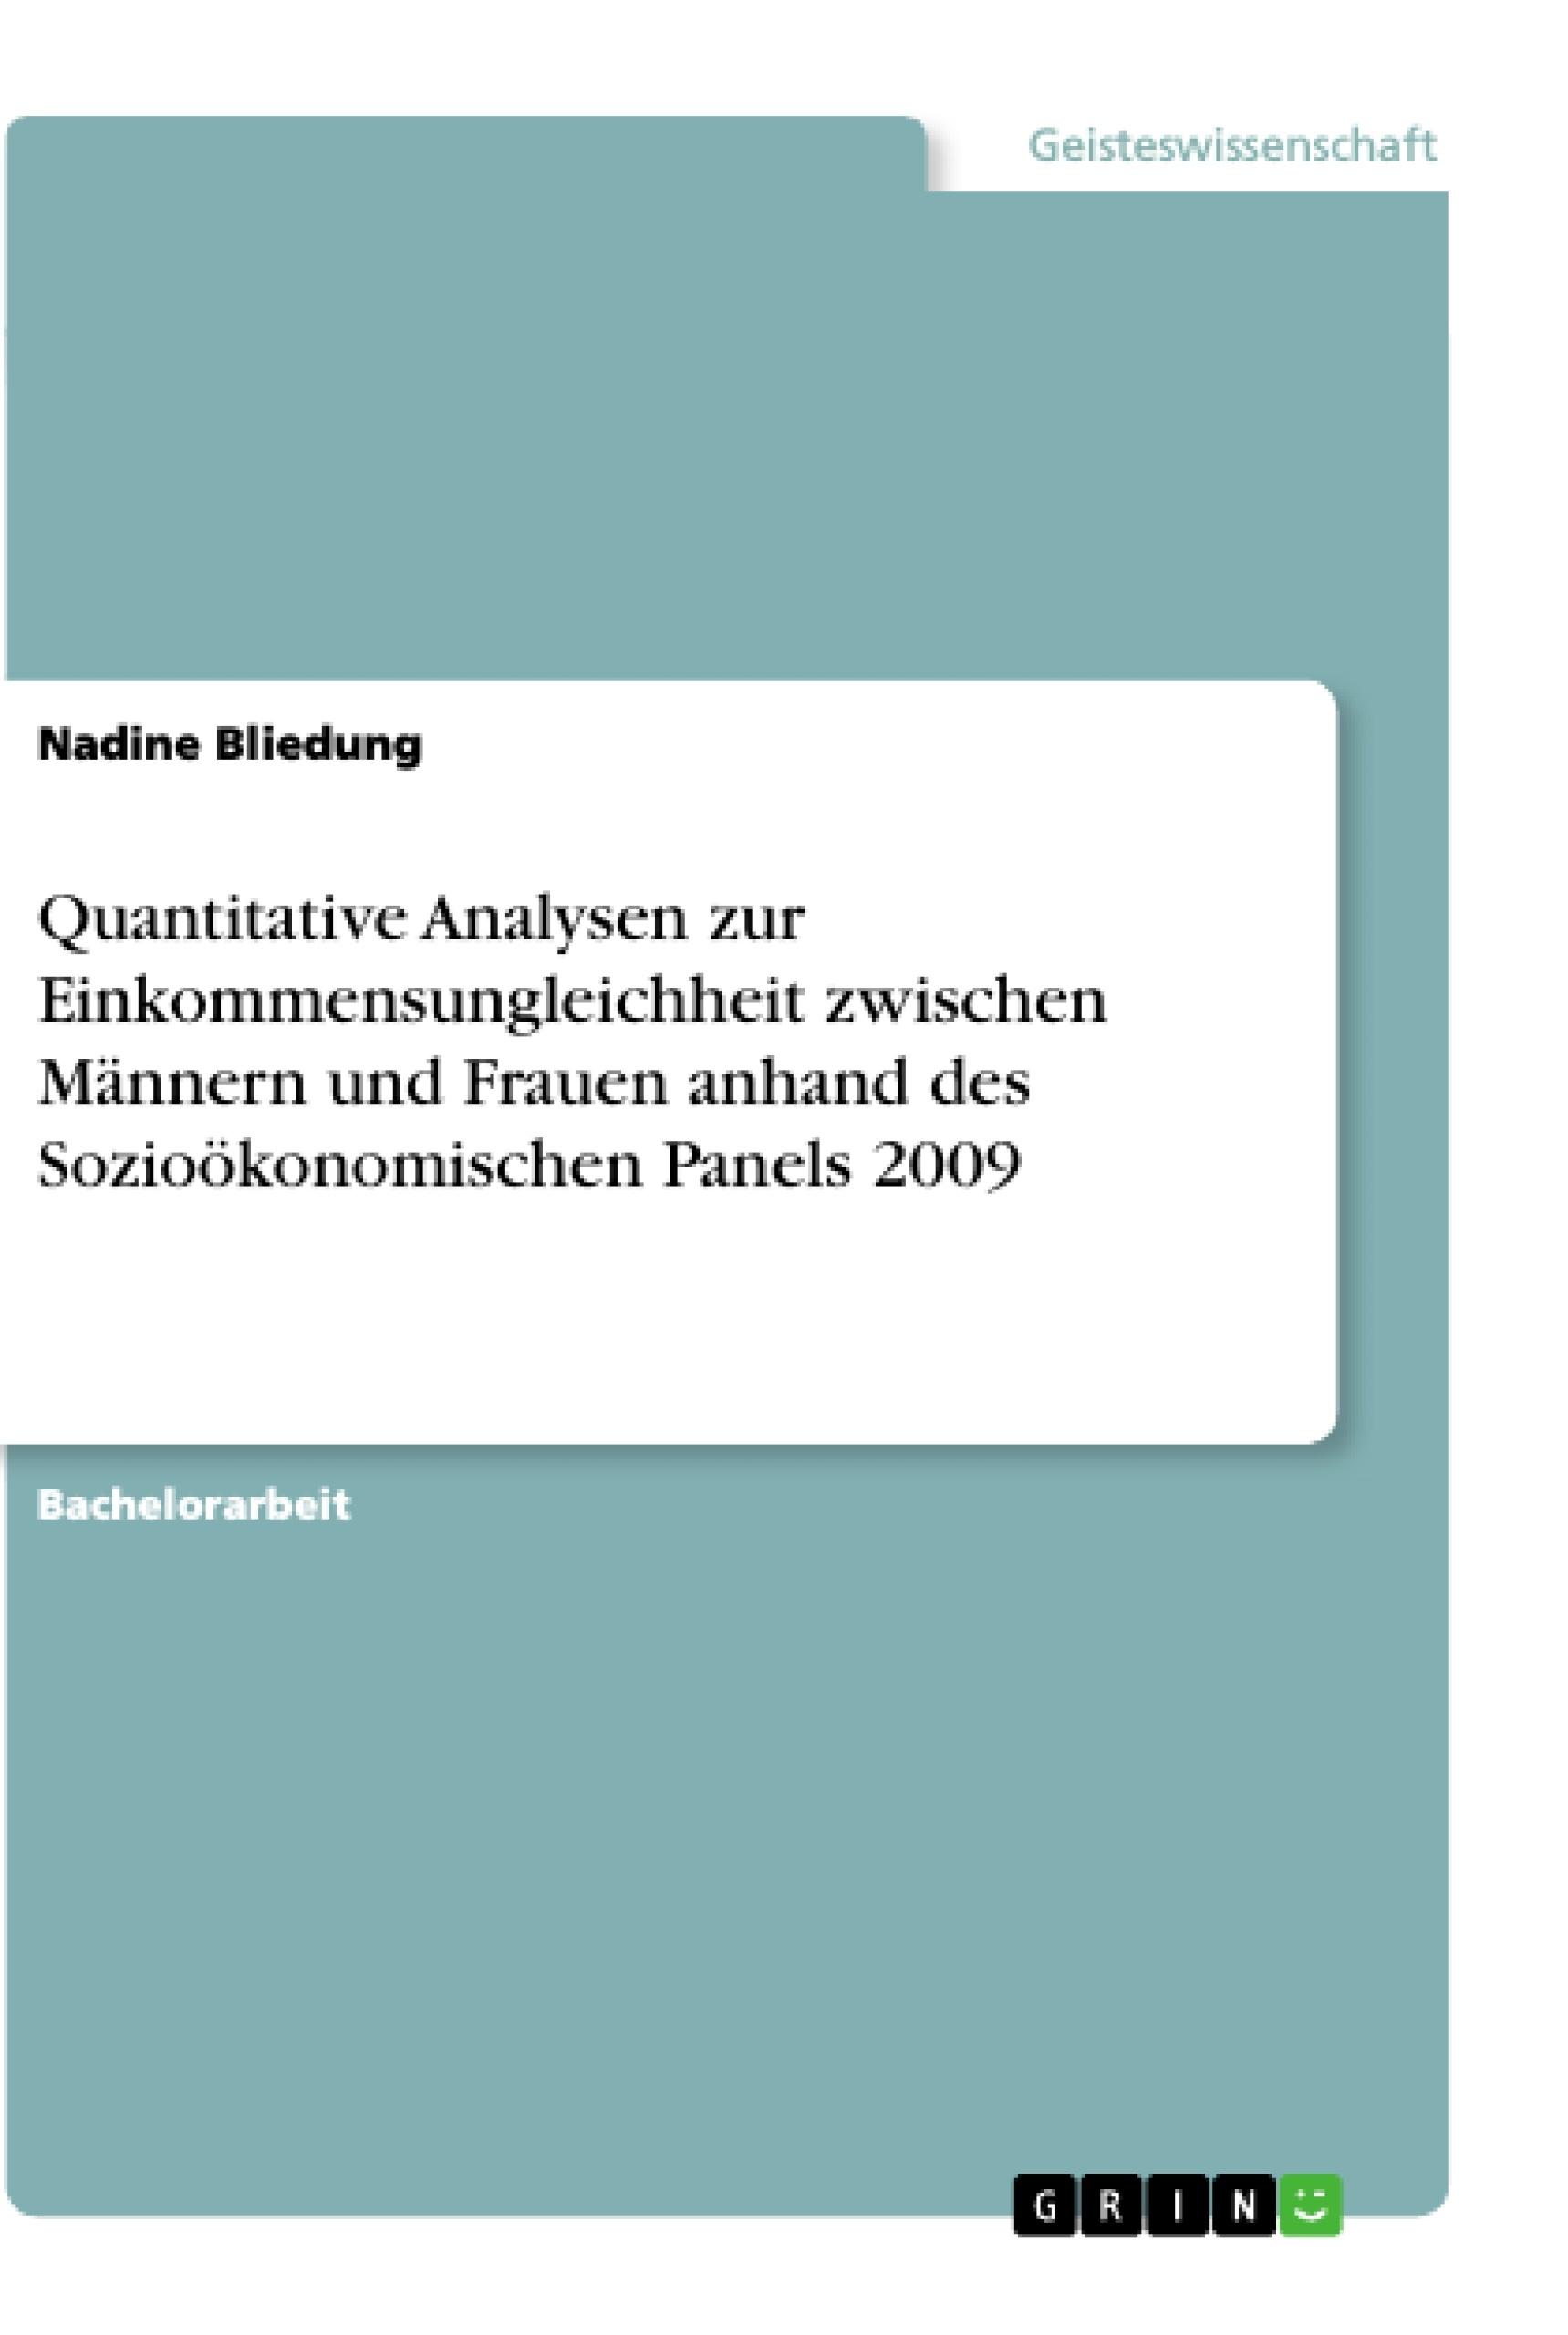 Titel: Quantitative Analysen zur Einkommensungleichheit zwischen Männern und Frauen anhand des Sozioökonomischen Panels 2009